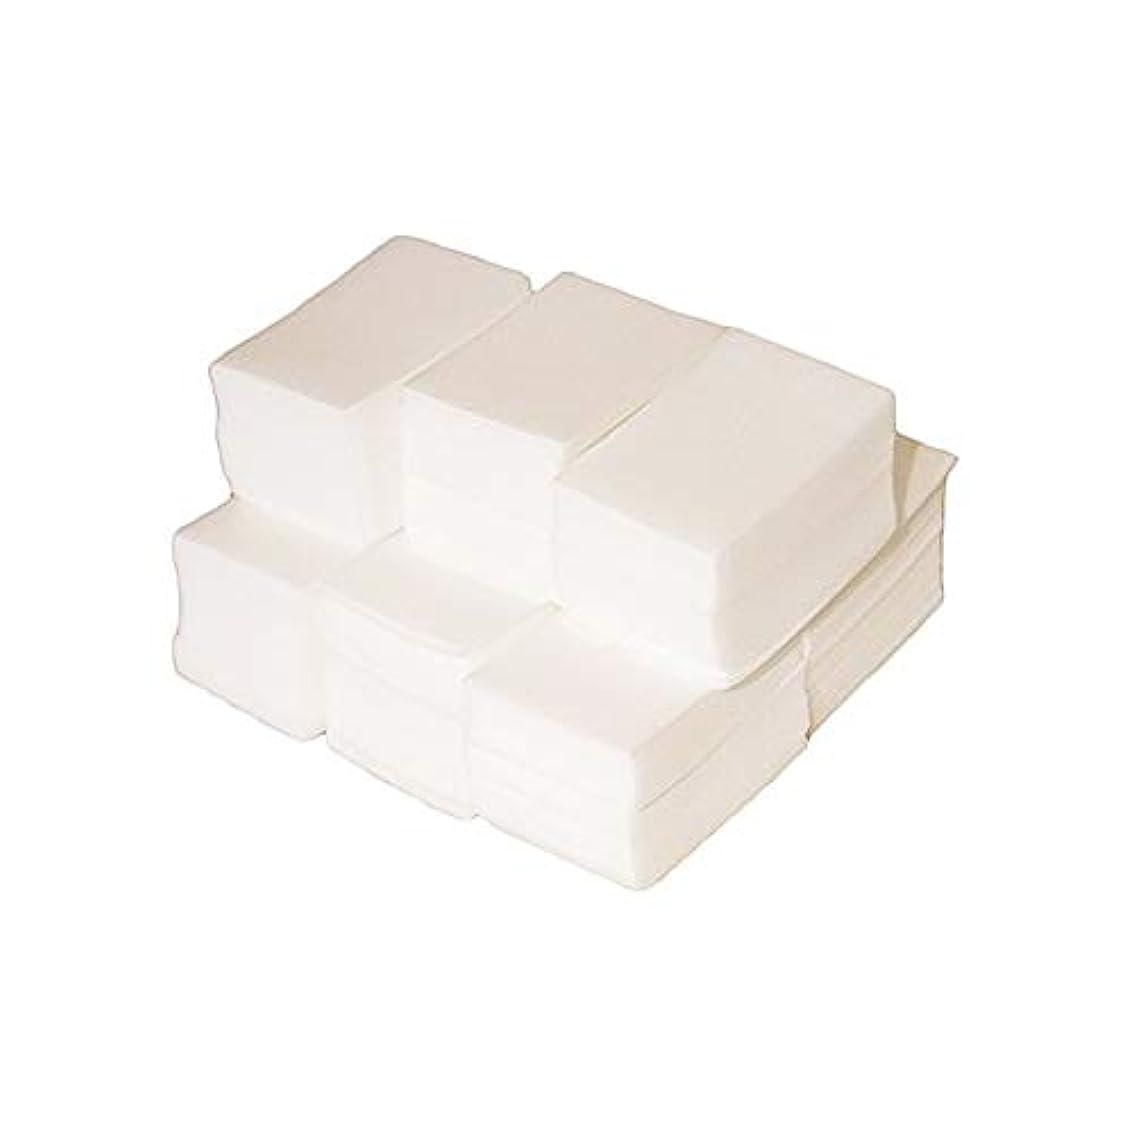 ためらう類似性バック900枚天然素材ジェルネイルマニュキアオフ等にコットンワイプ